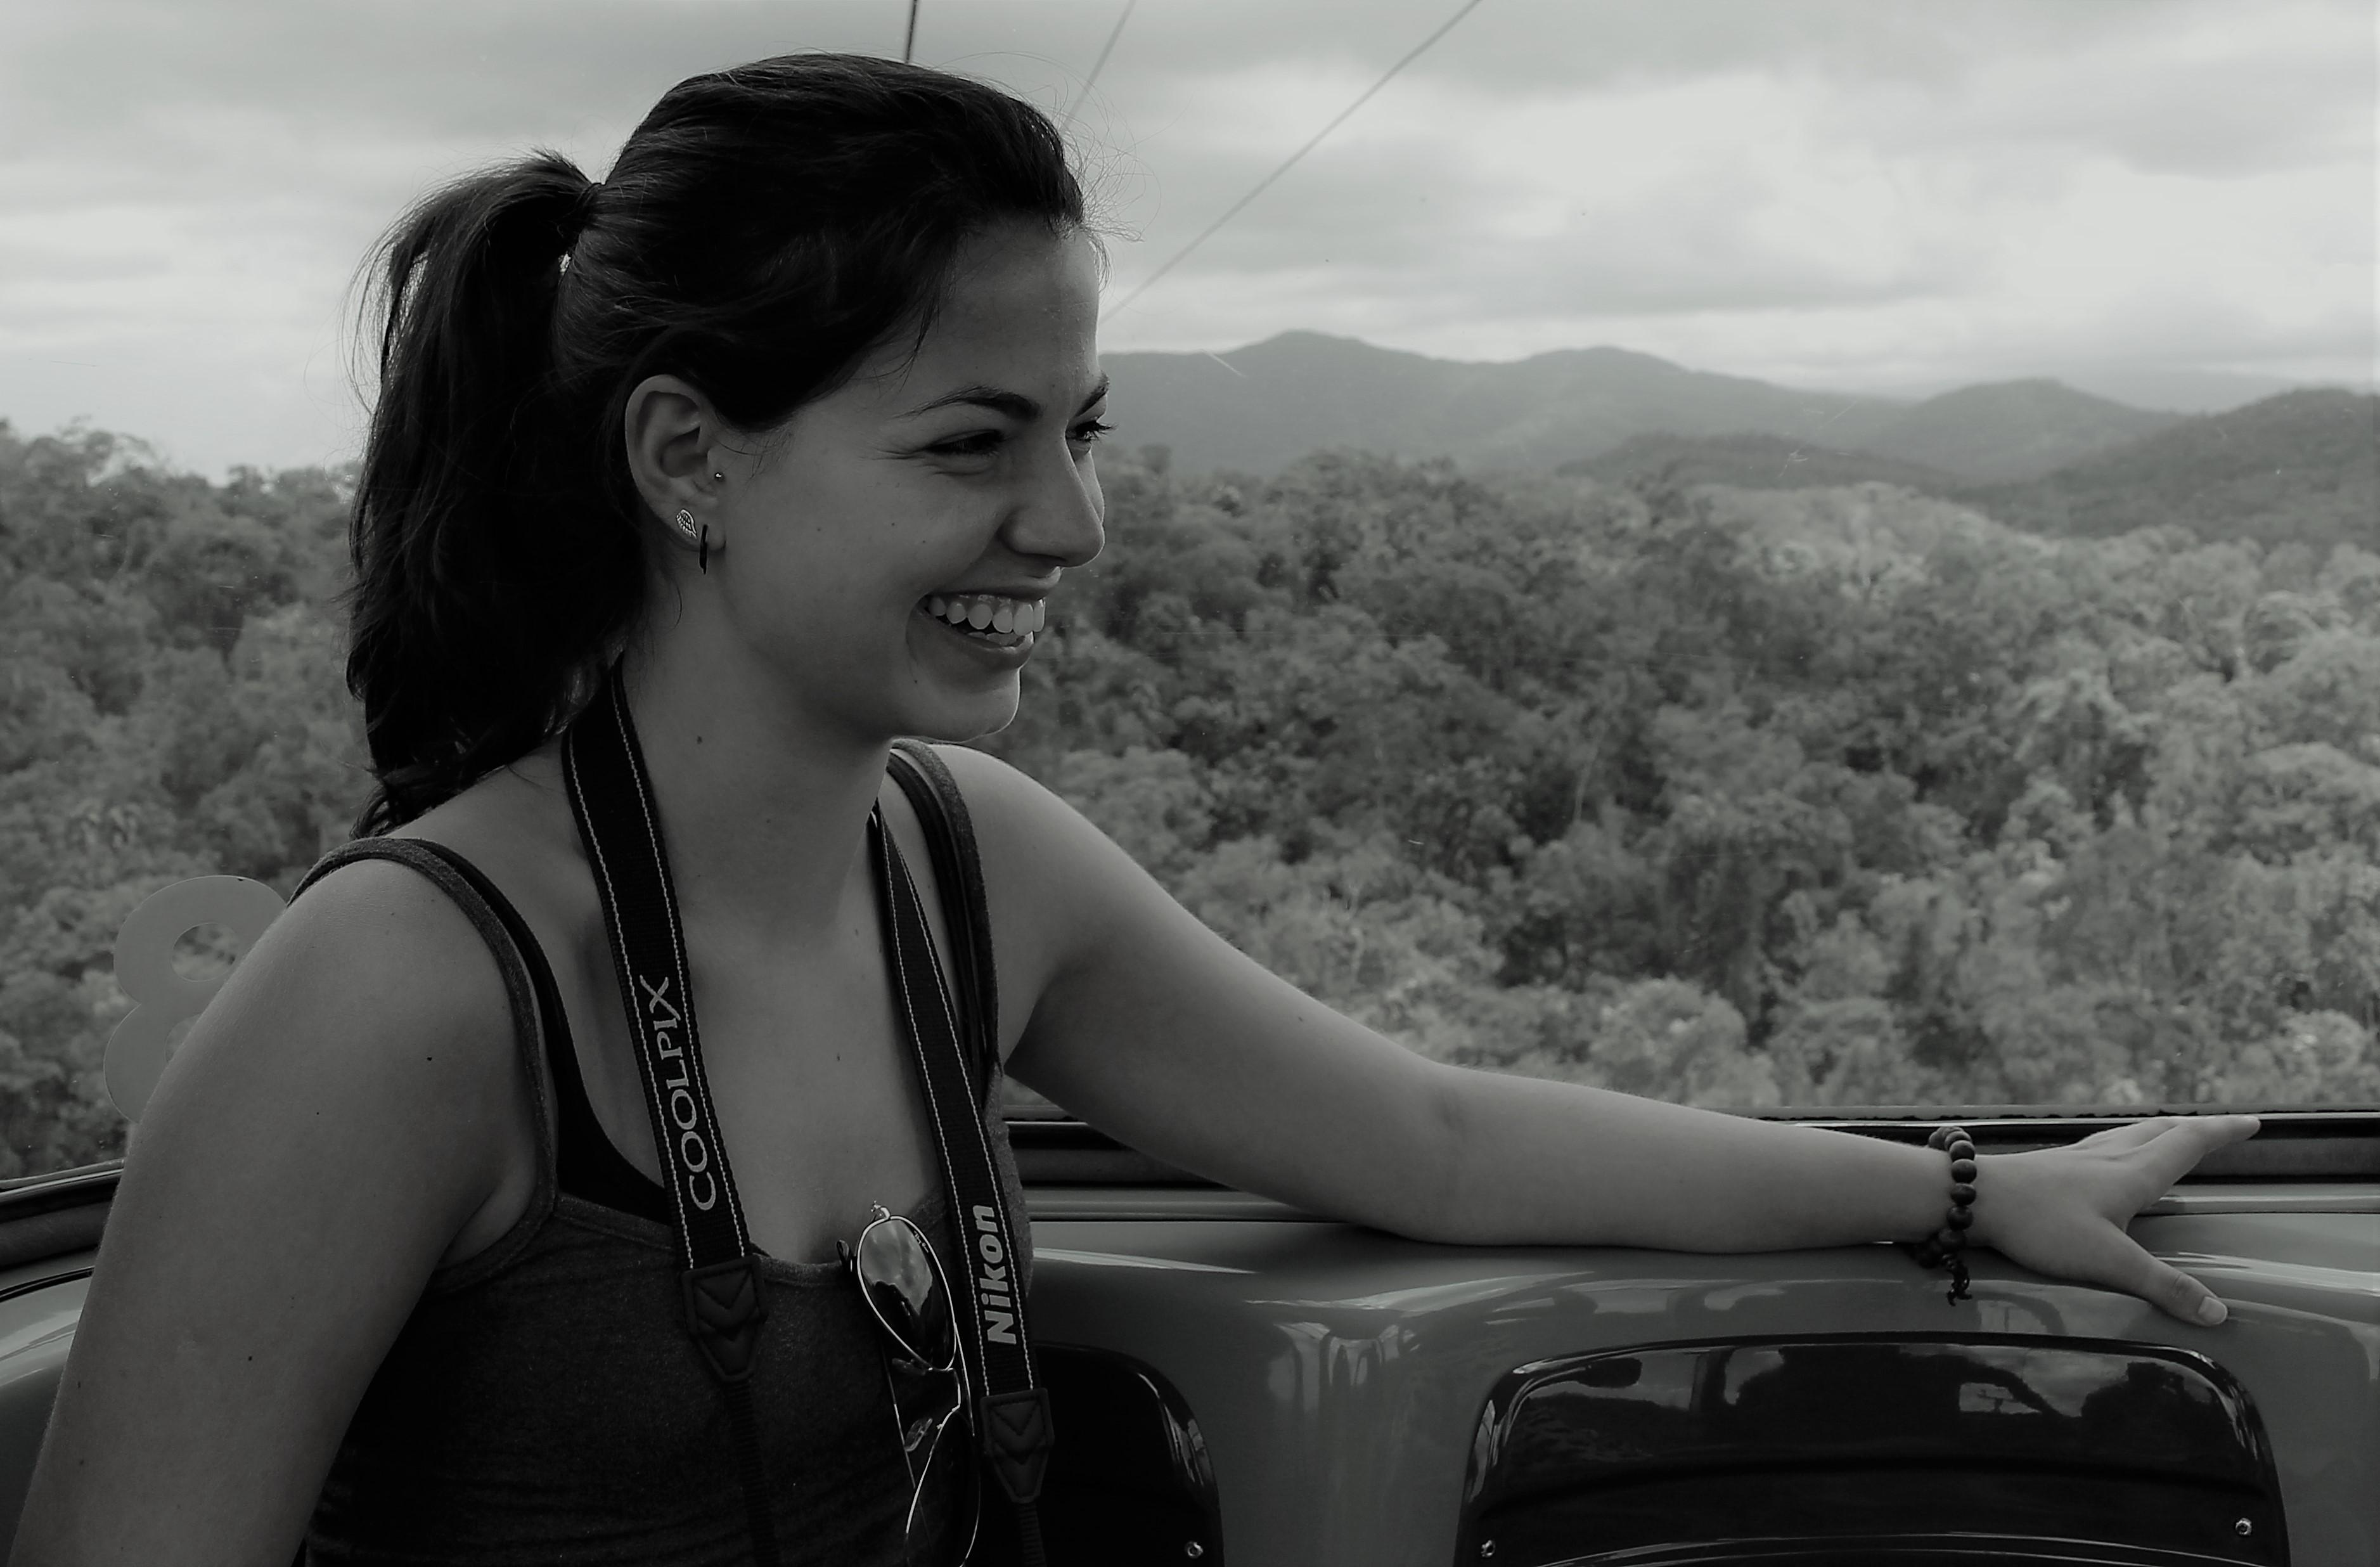 Bruna Manuele Campos